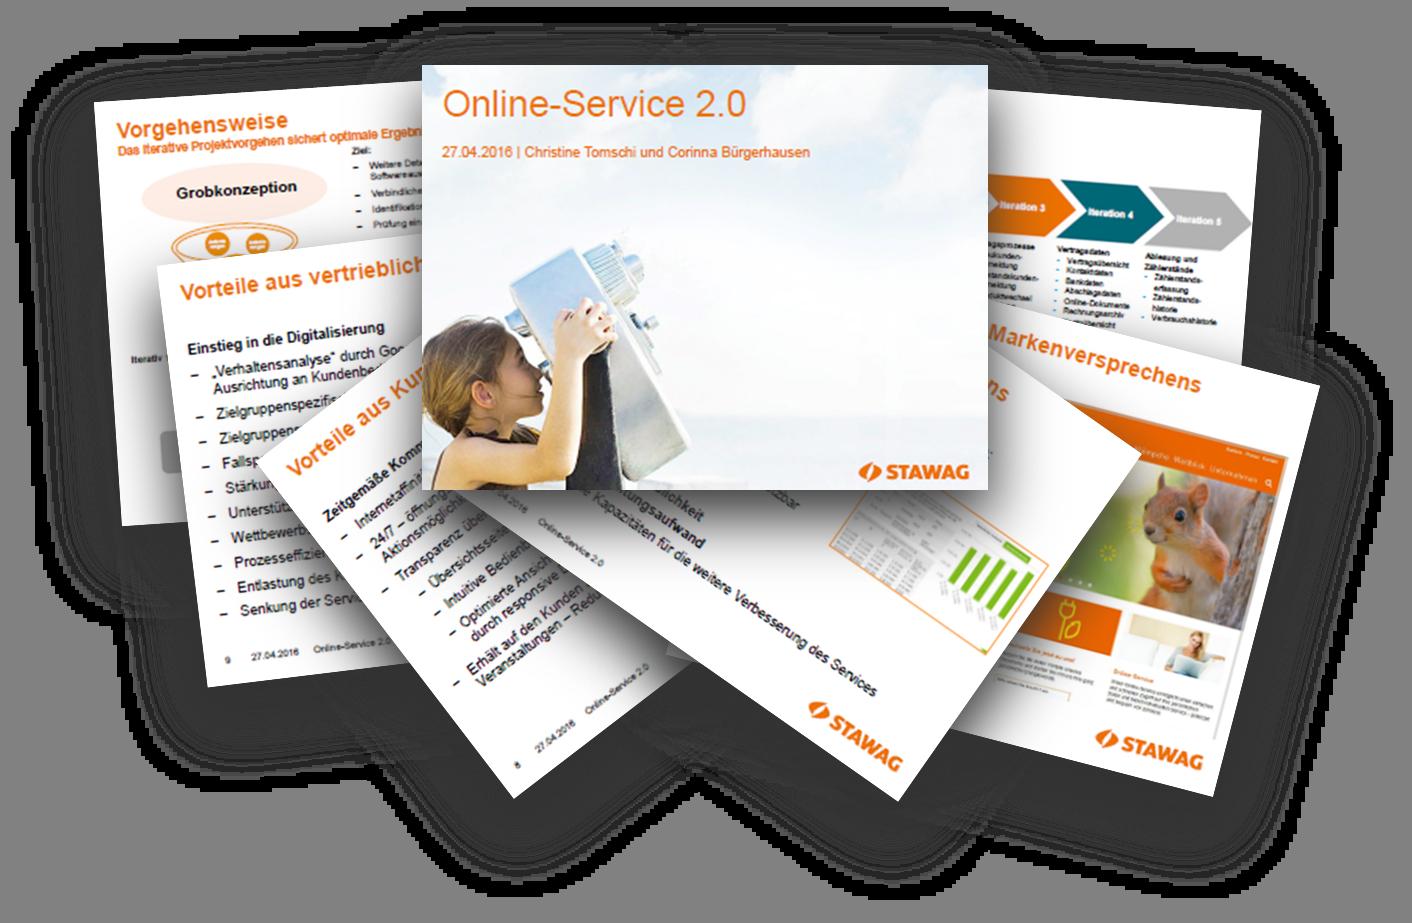 Online-Service 2.0